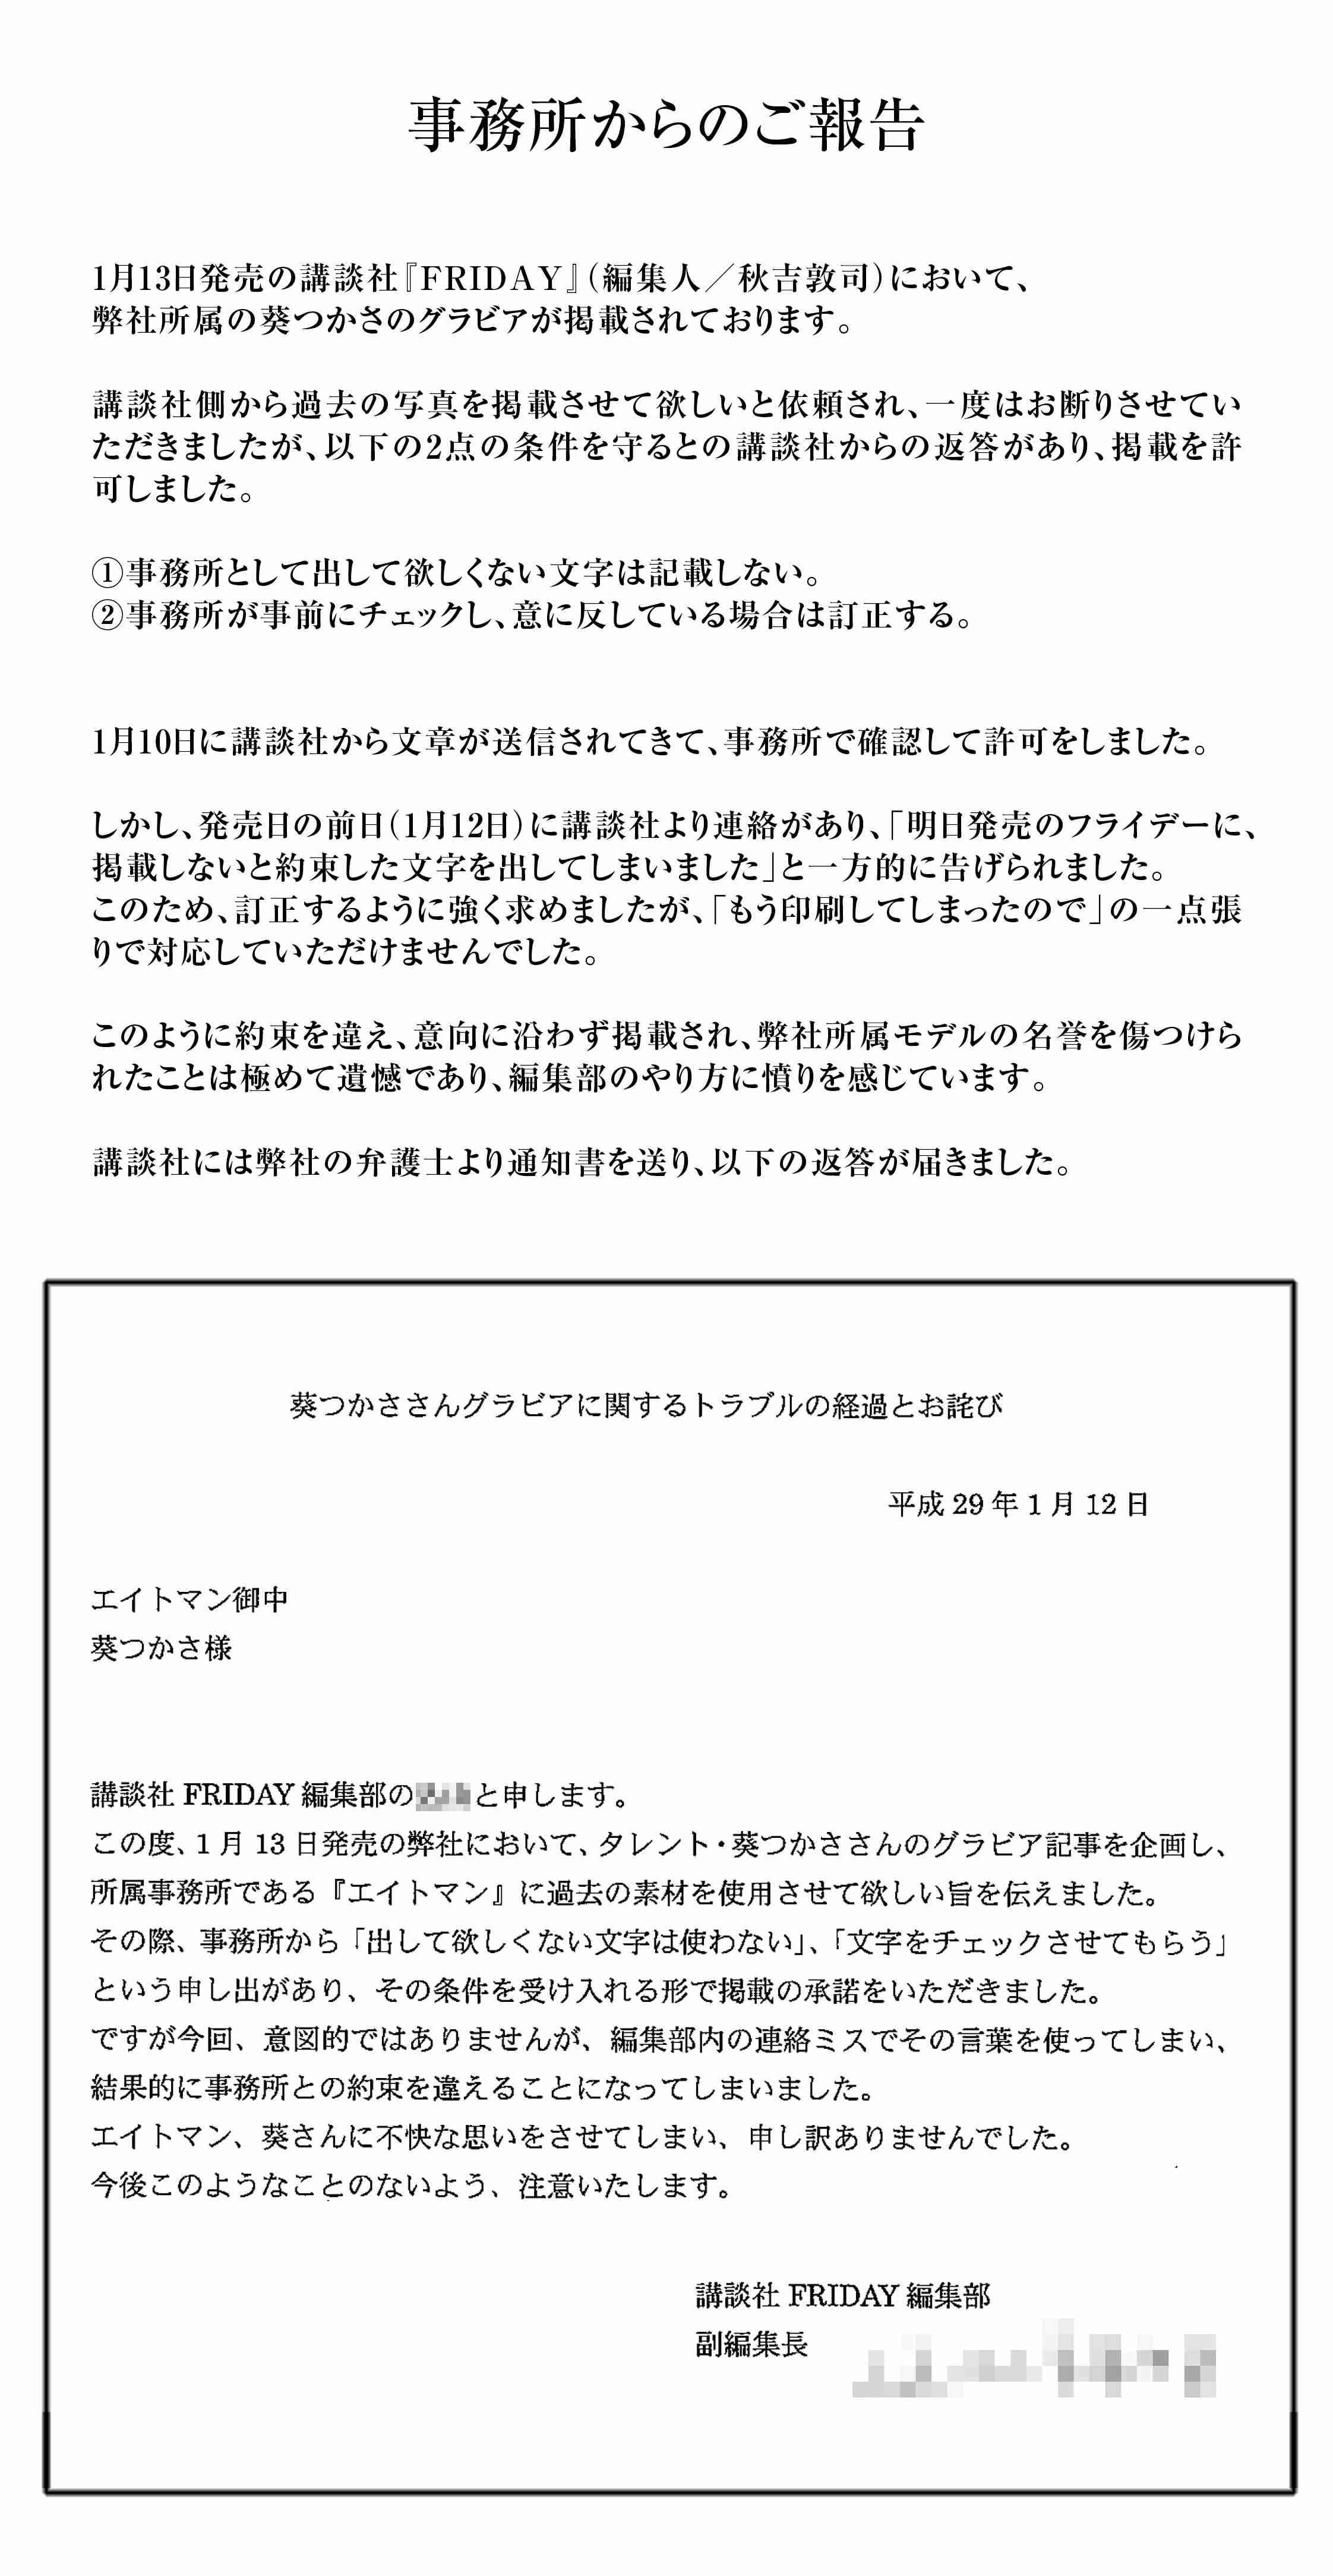 嵐・松本潤も!男性芸能人と「AV女優」を結ぶ複数のルート